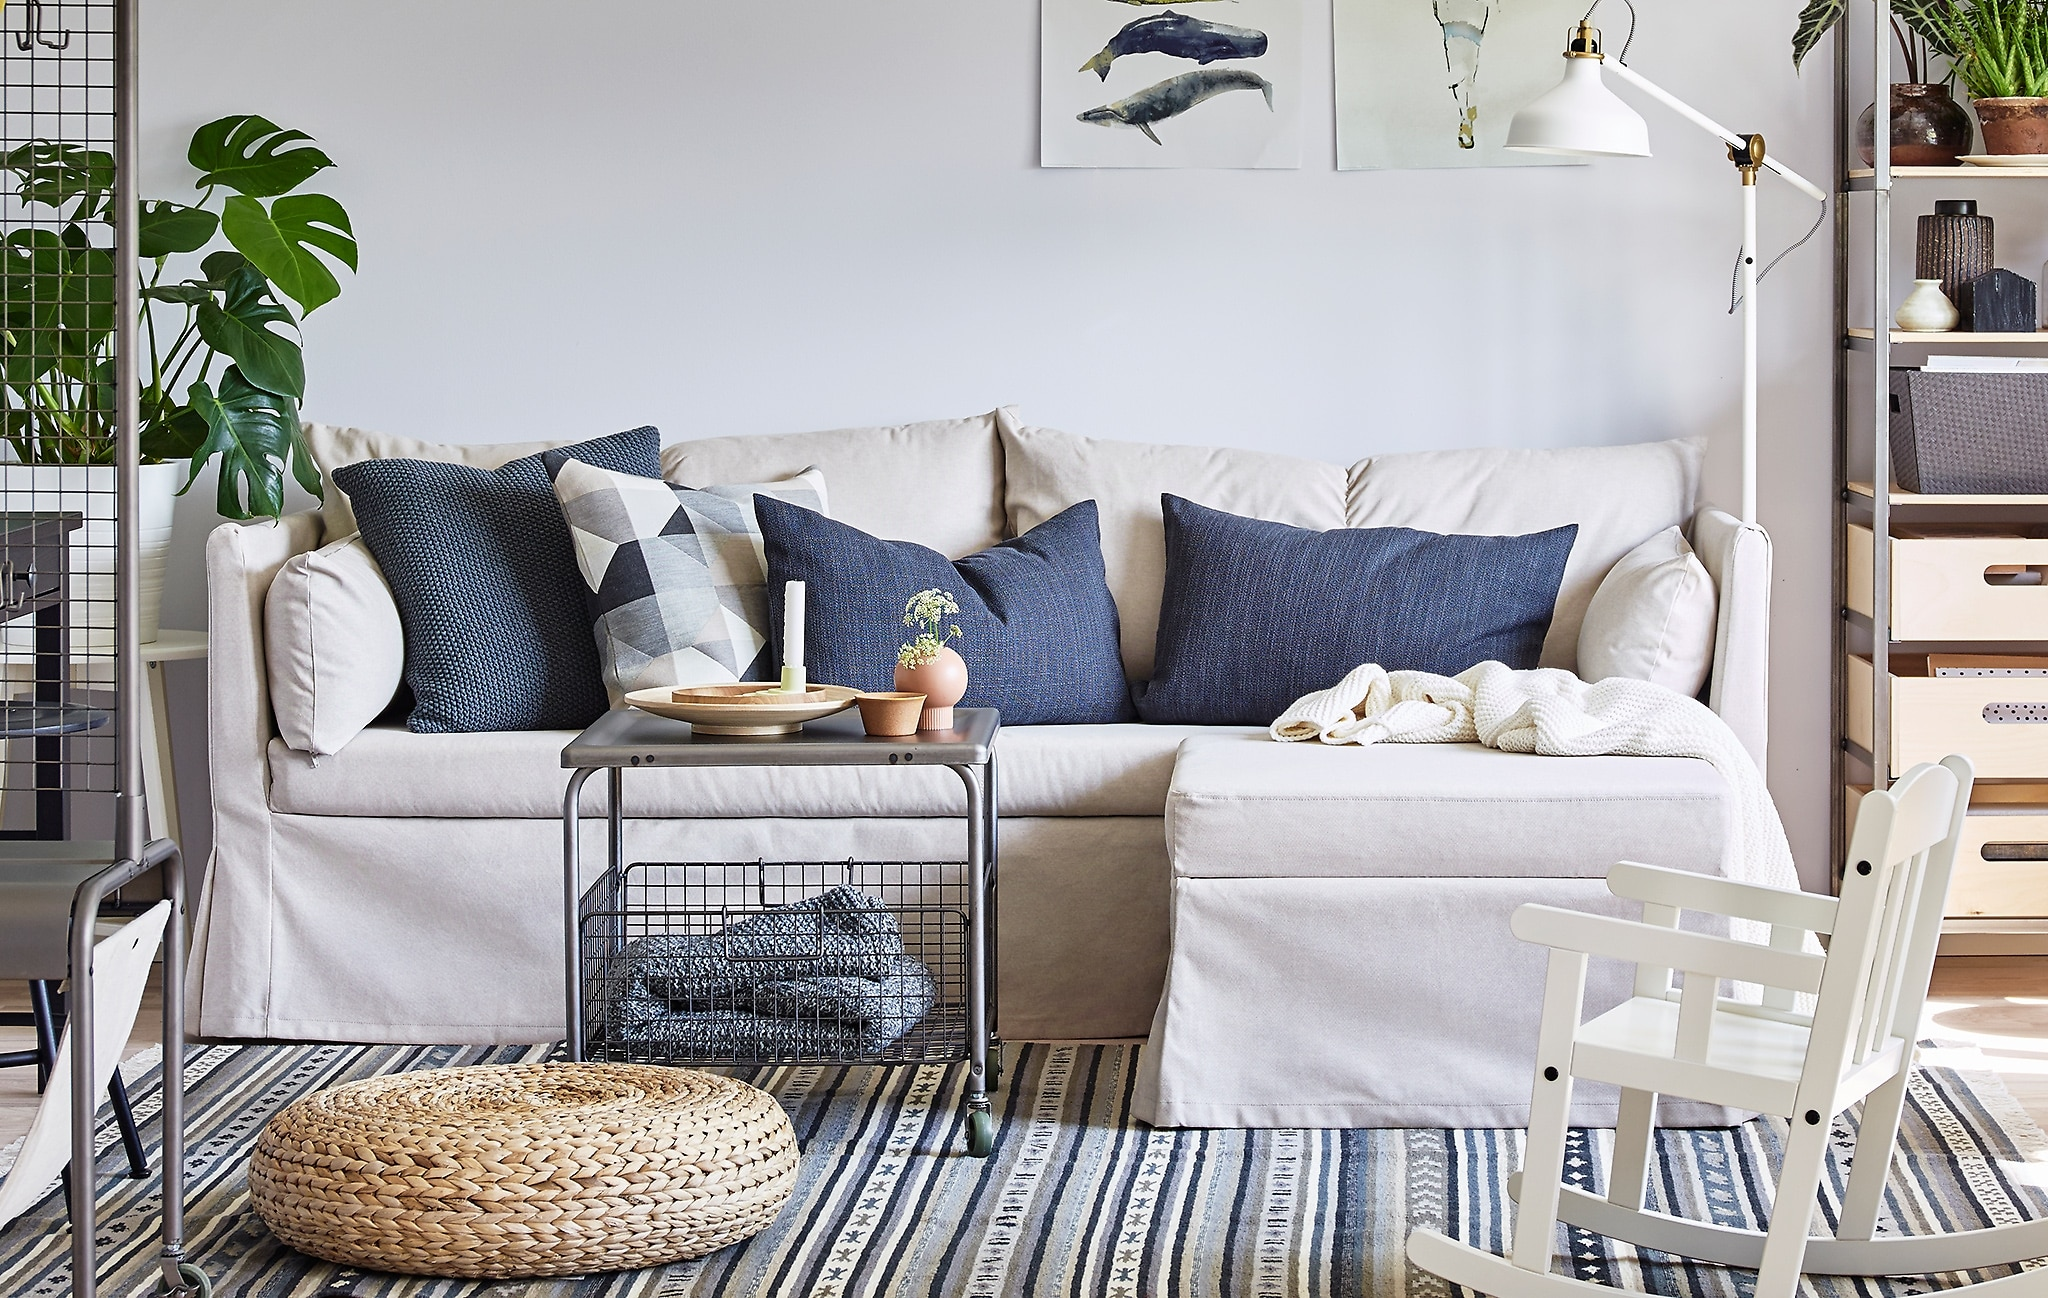 Canapé d'angle Sandbacken IKEA avec coussins colorés